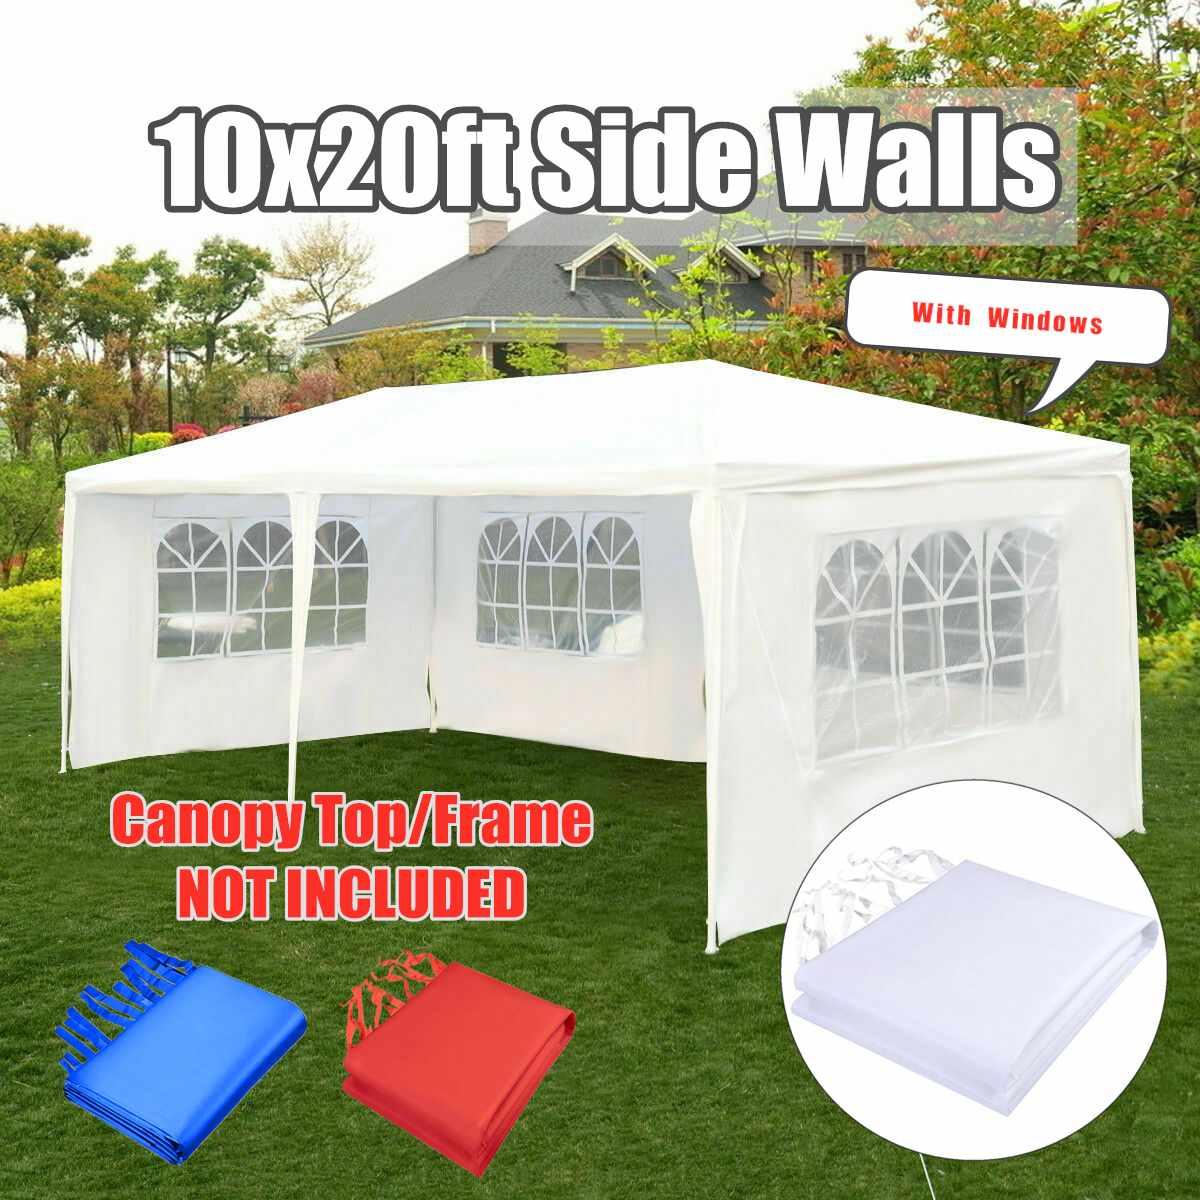 Oxford tissu fête tente avec côtés imperméable jardin Patio extérieur auvent 3x6 m soleil mur parasol abri bâche paroi latérale parasol